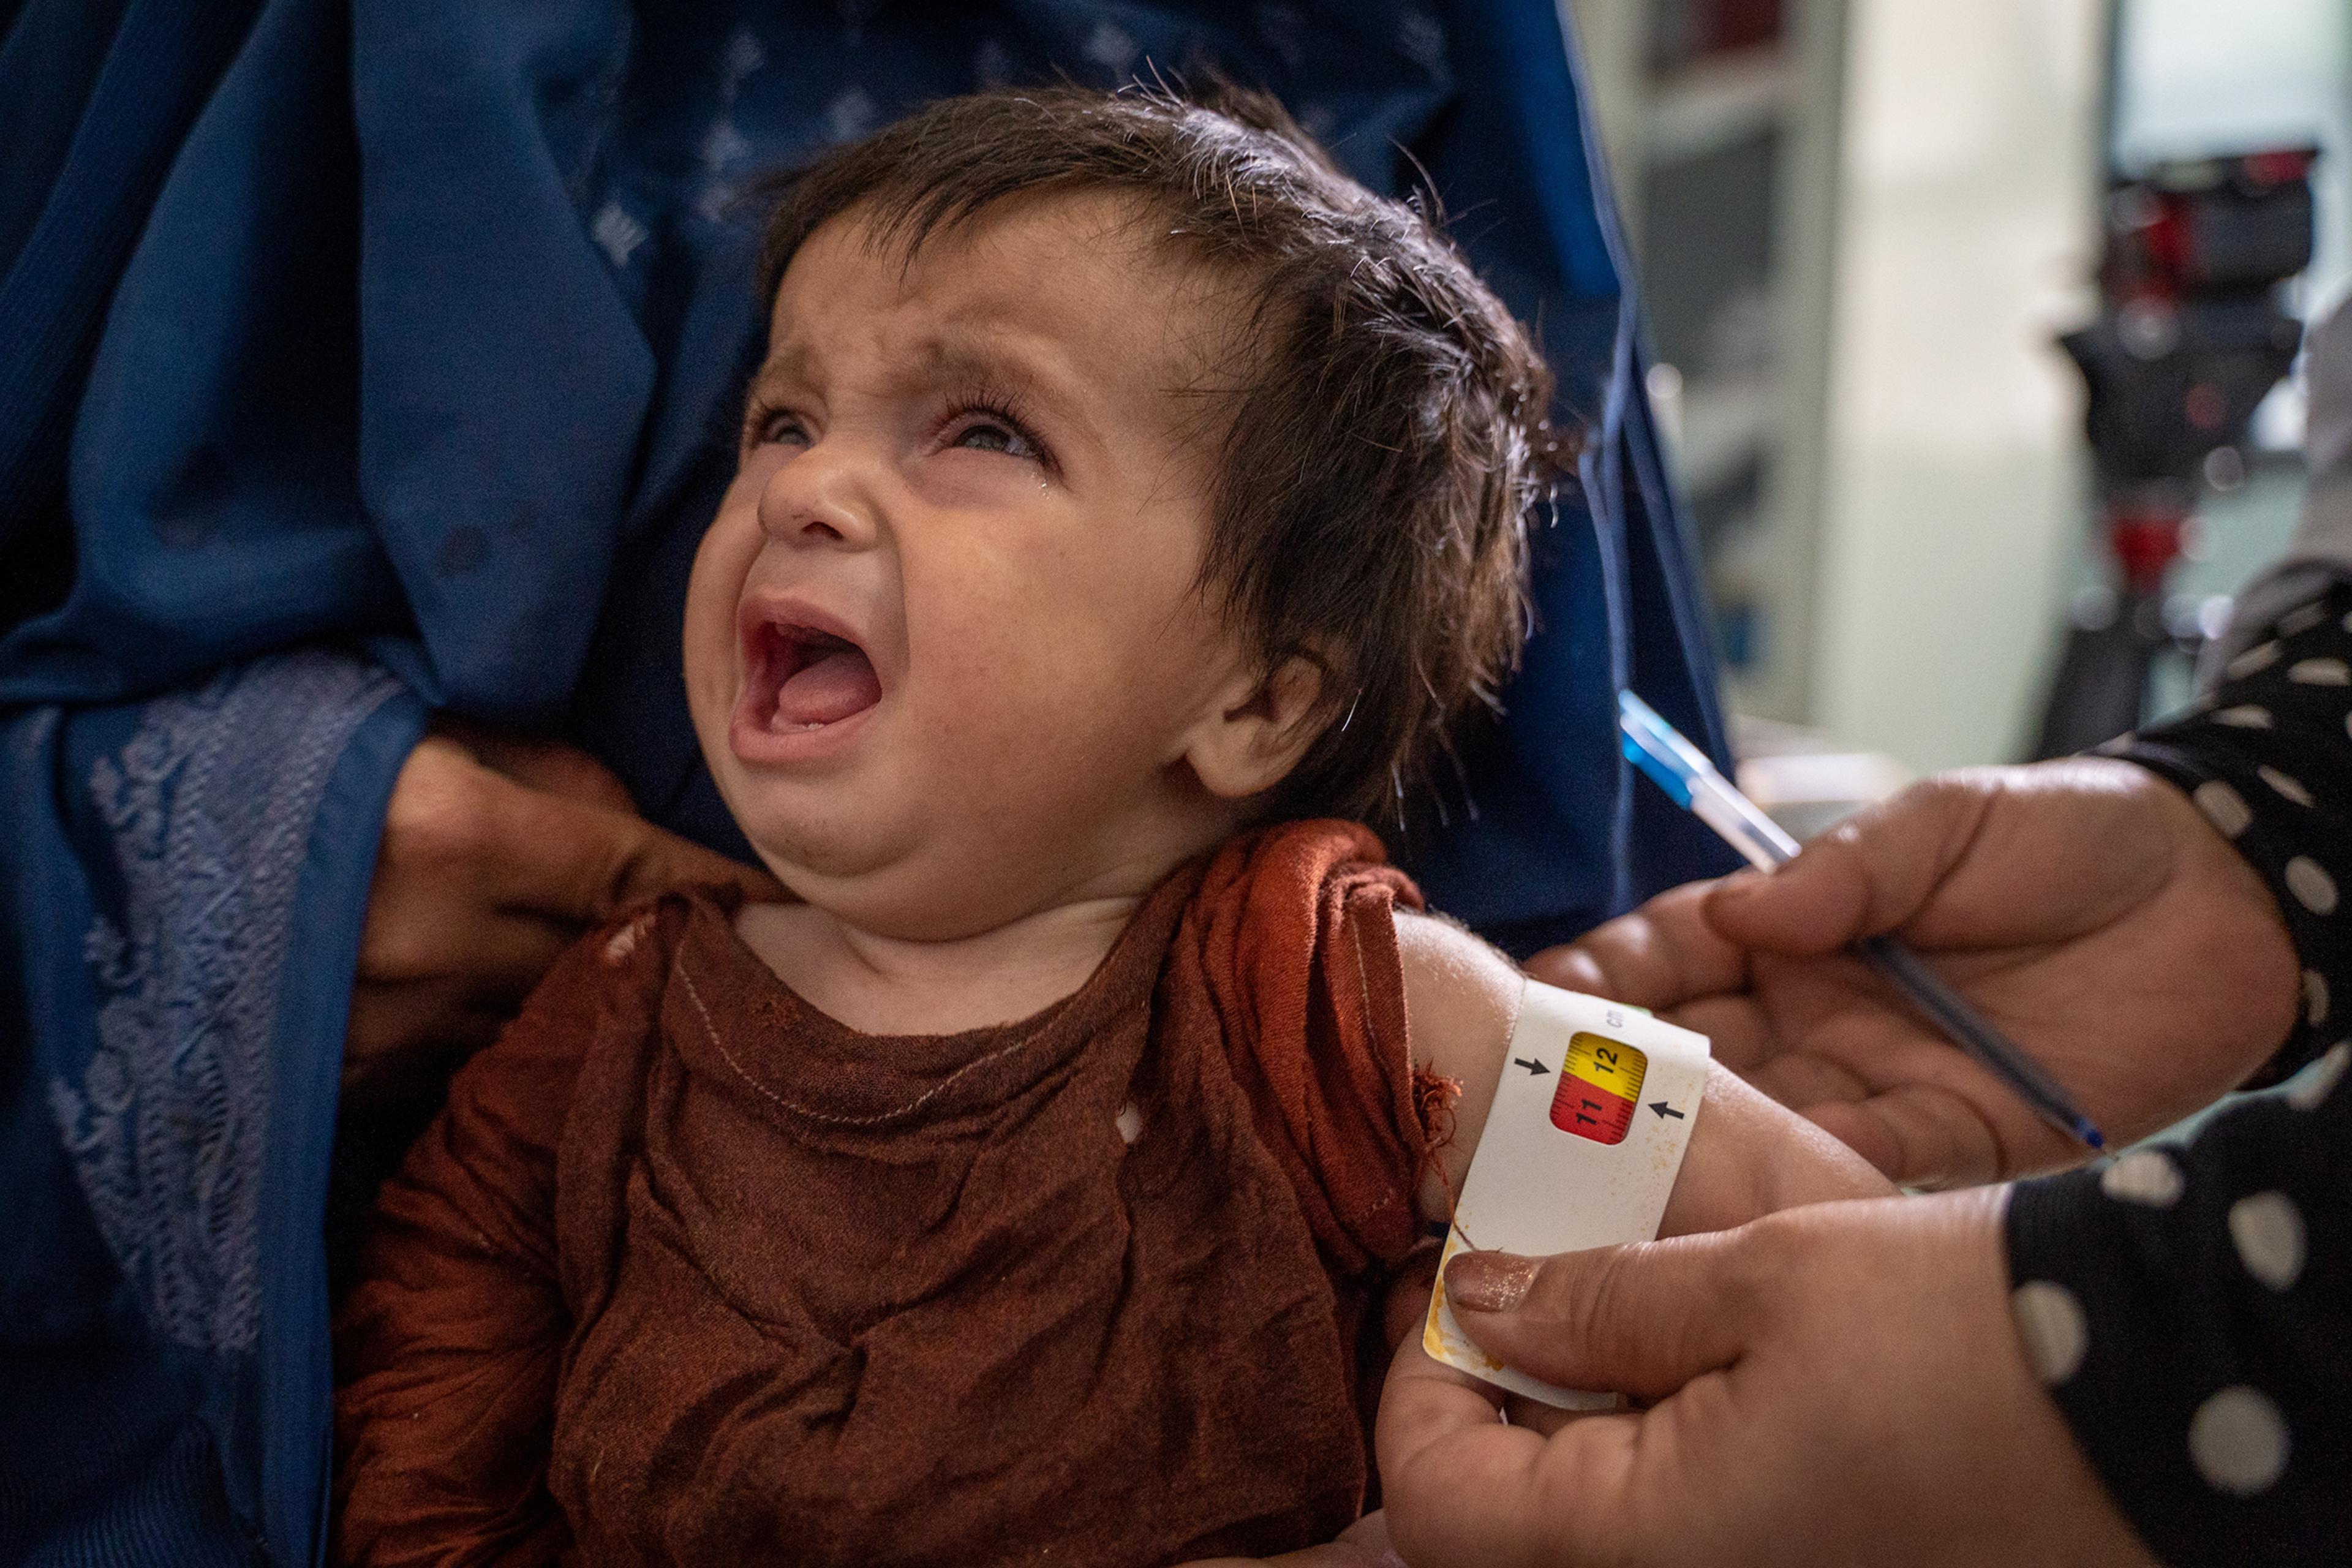 © UNICEF/Gamble